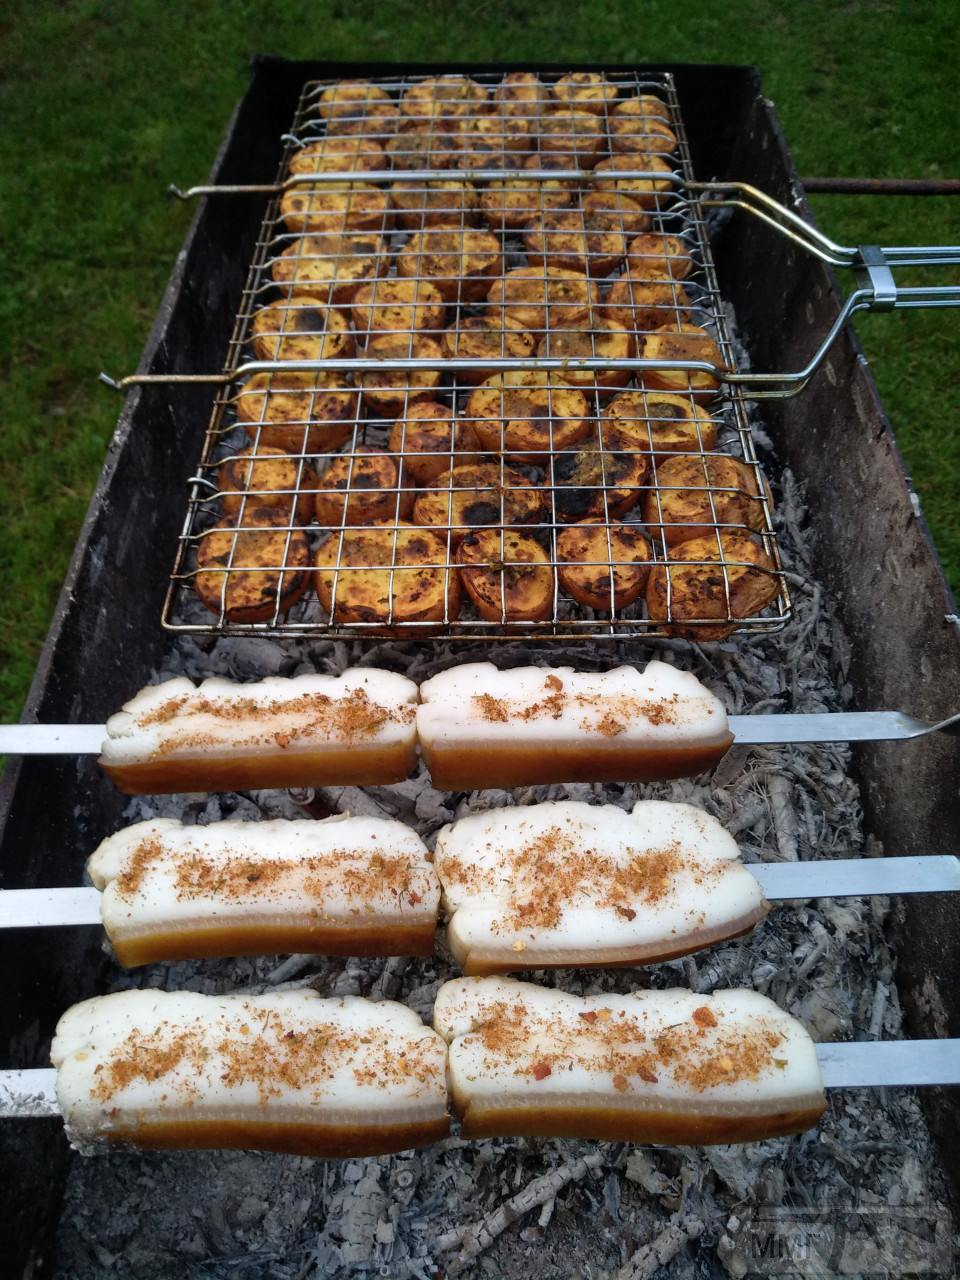 112265 - Закуски на огне (мангал, барбекю и т.д.) и кулинария вообще. Советы и рецепты.